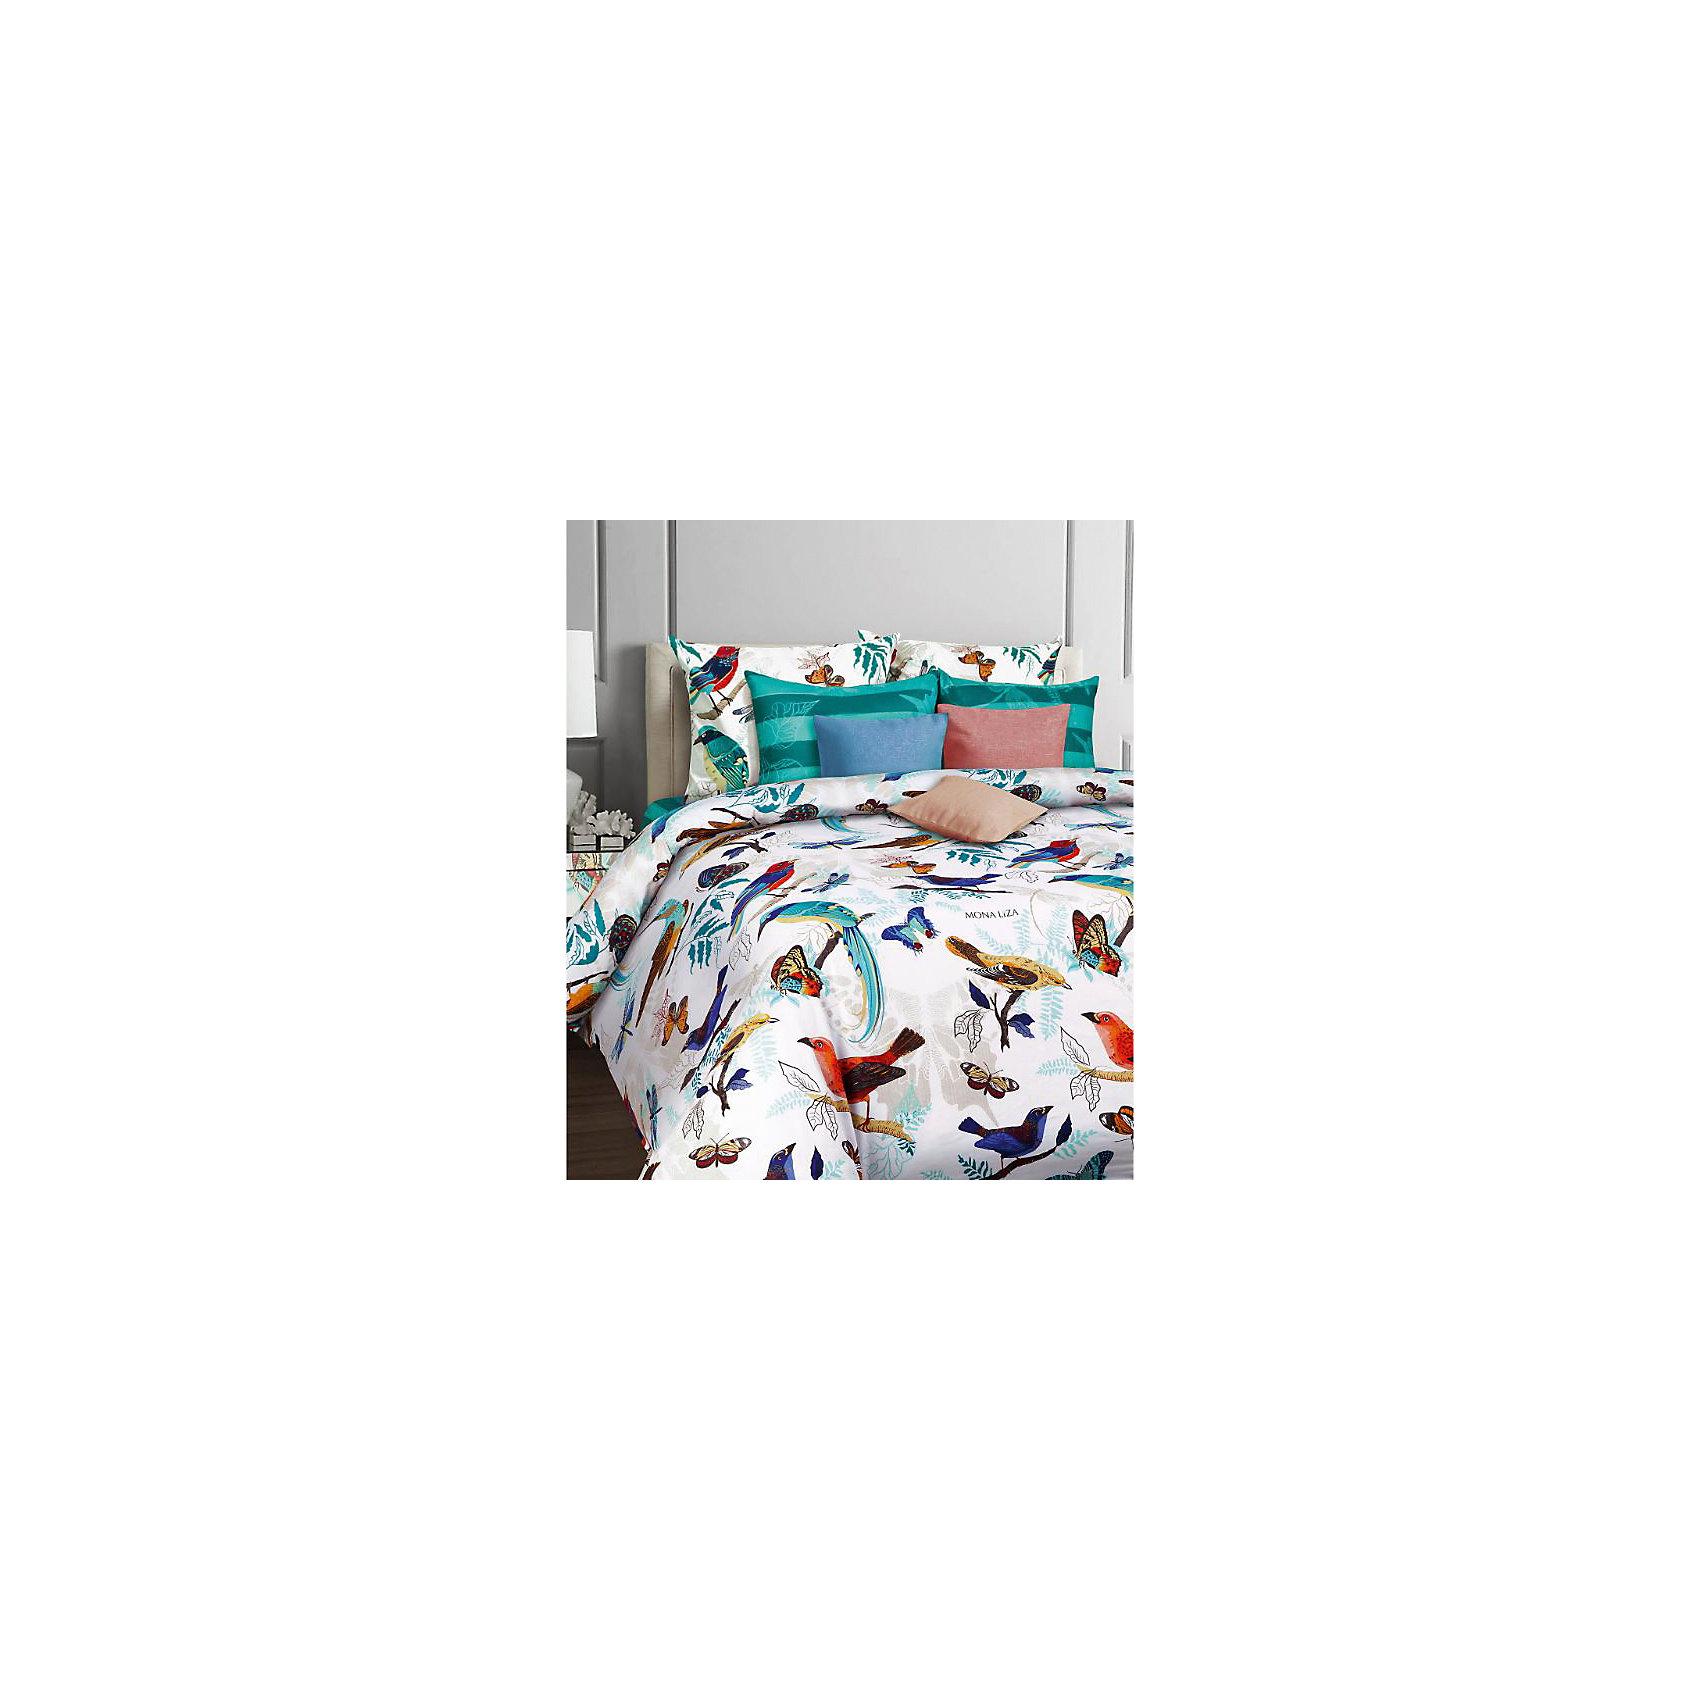 Мона Лиза Постельное белье Семейный Nocturn,  70*70, Mona Liza постельное белье mona liza комплект постельного белья